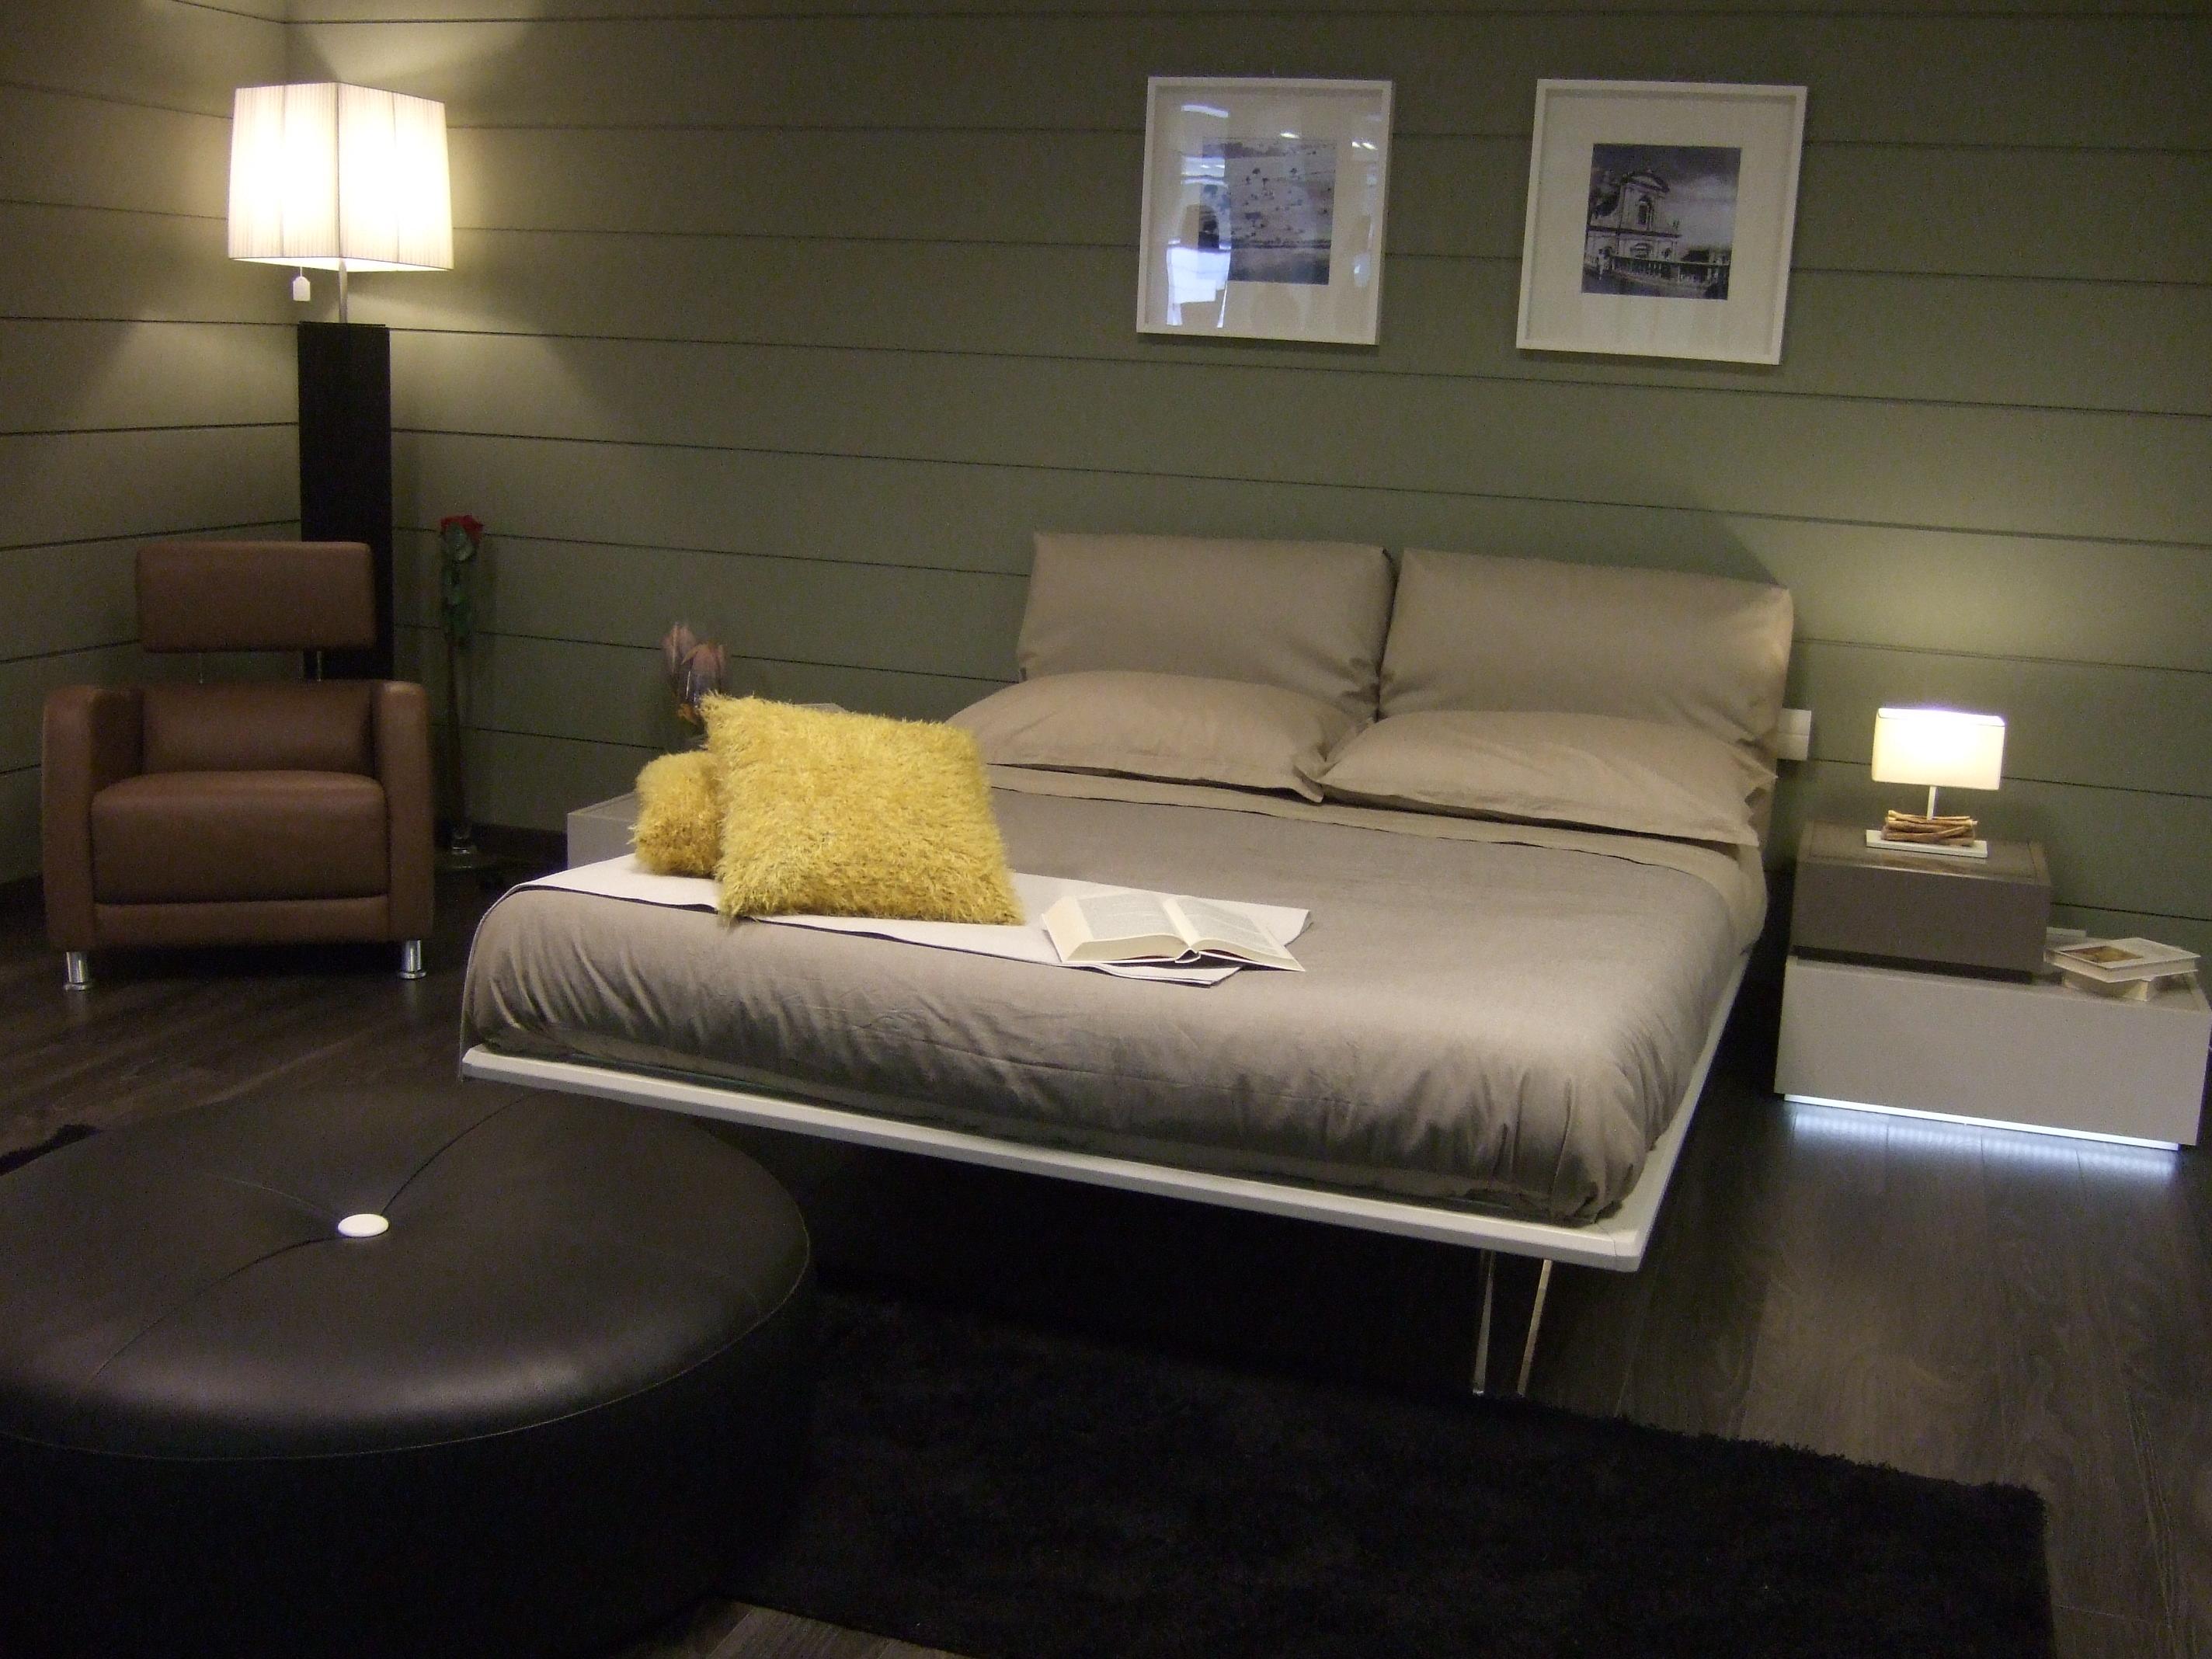 Replay la nuova camera da letto arrivata in negozio for Nuova camera da letto dell inghilterra